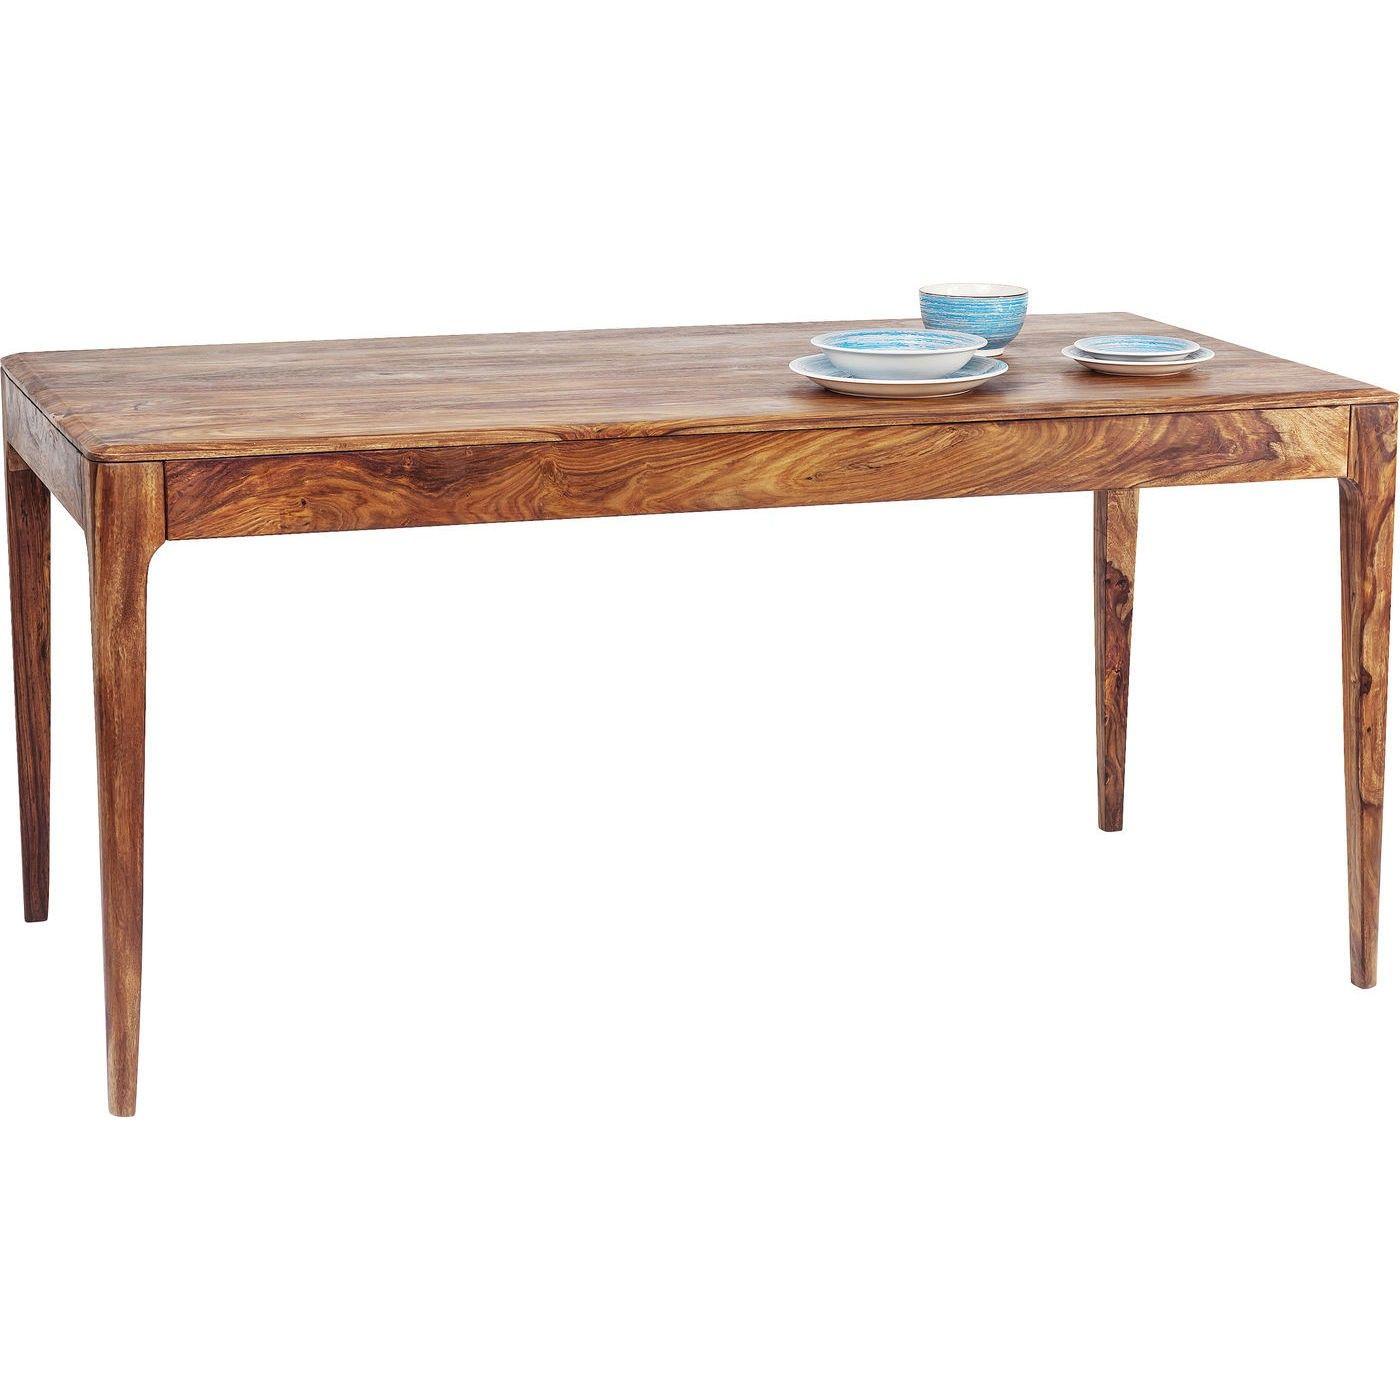 Brooklyn Nature Tisch 160x80cm In 2019 Wohnzimmer Mobel Tisch